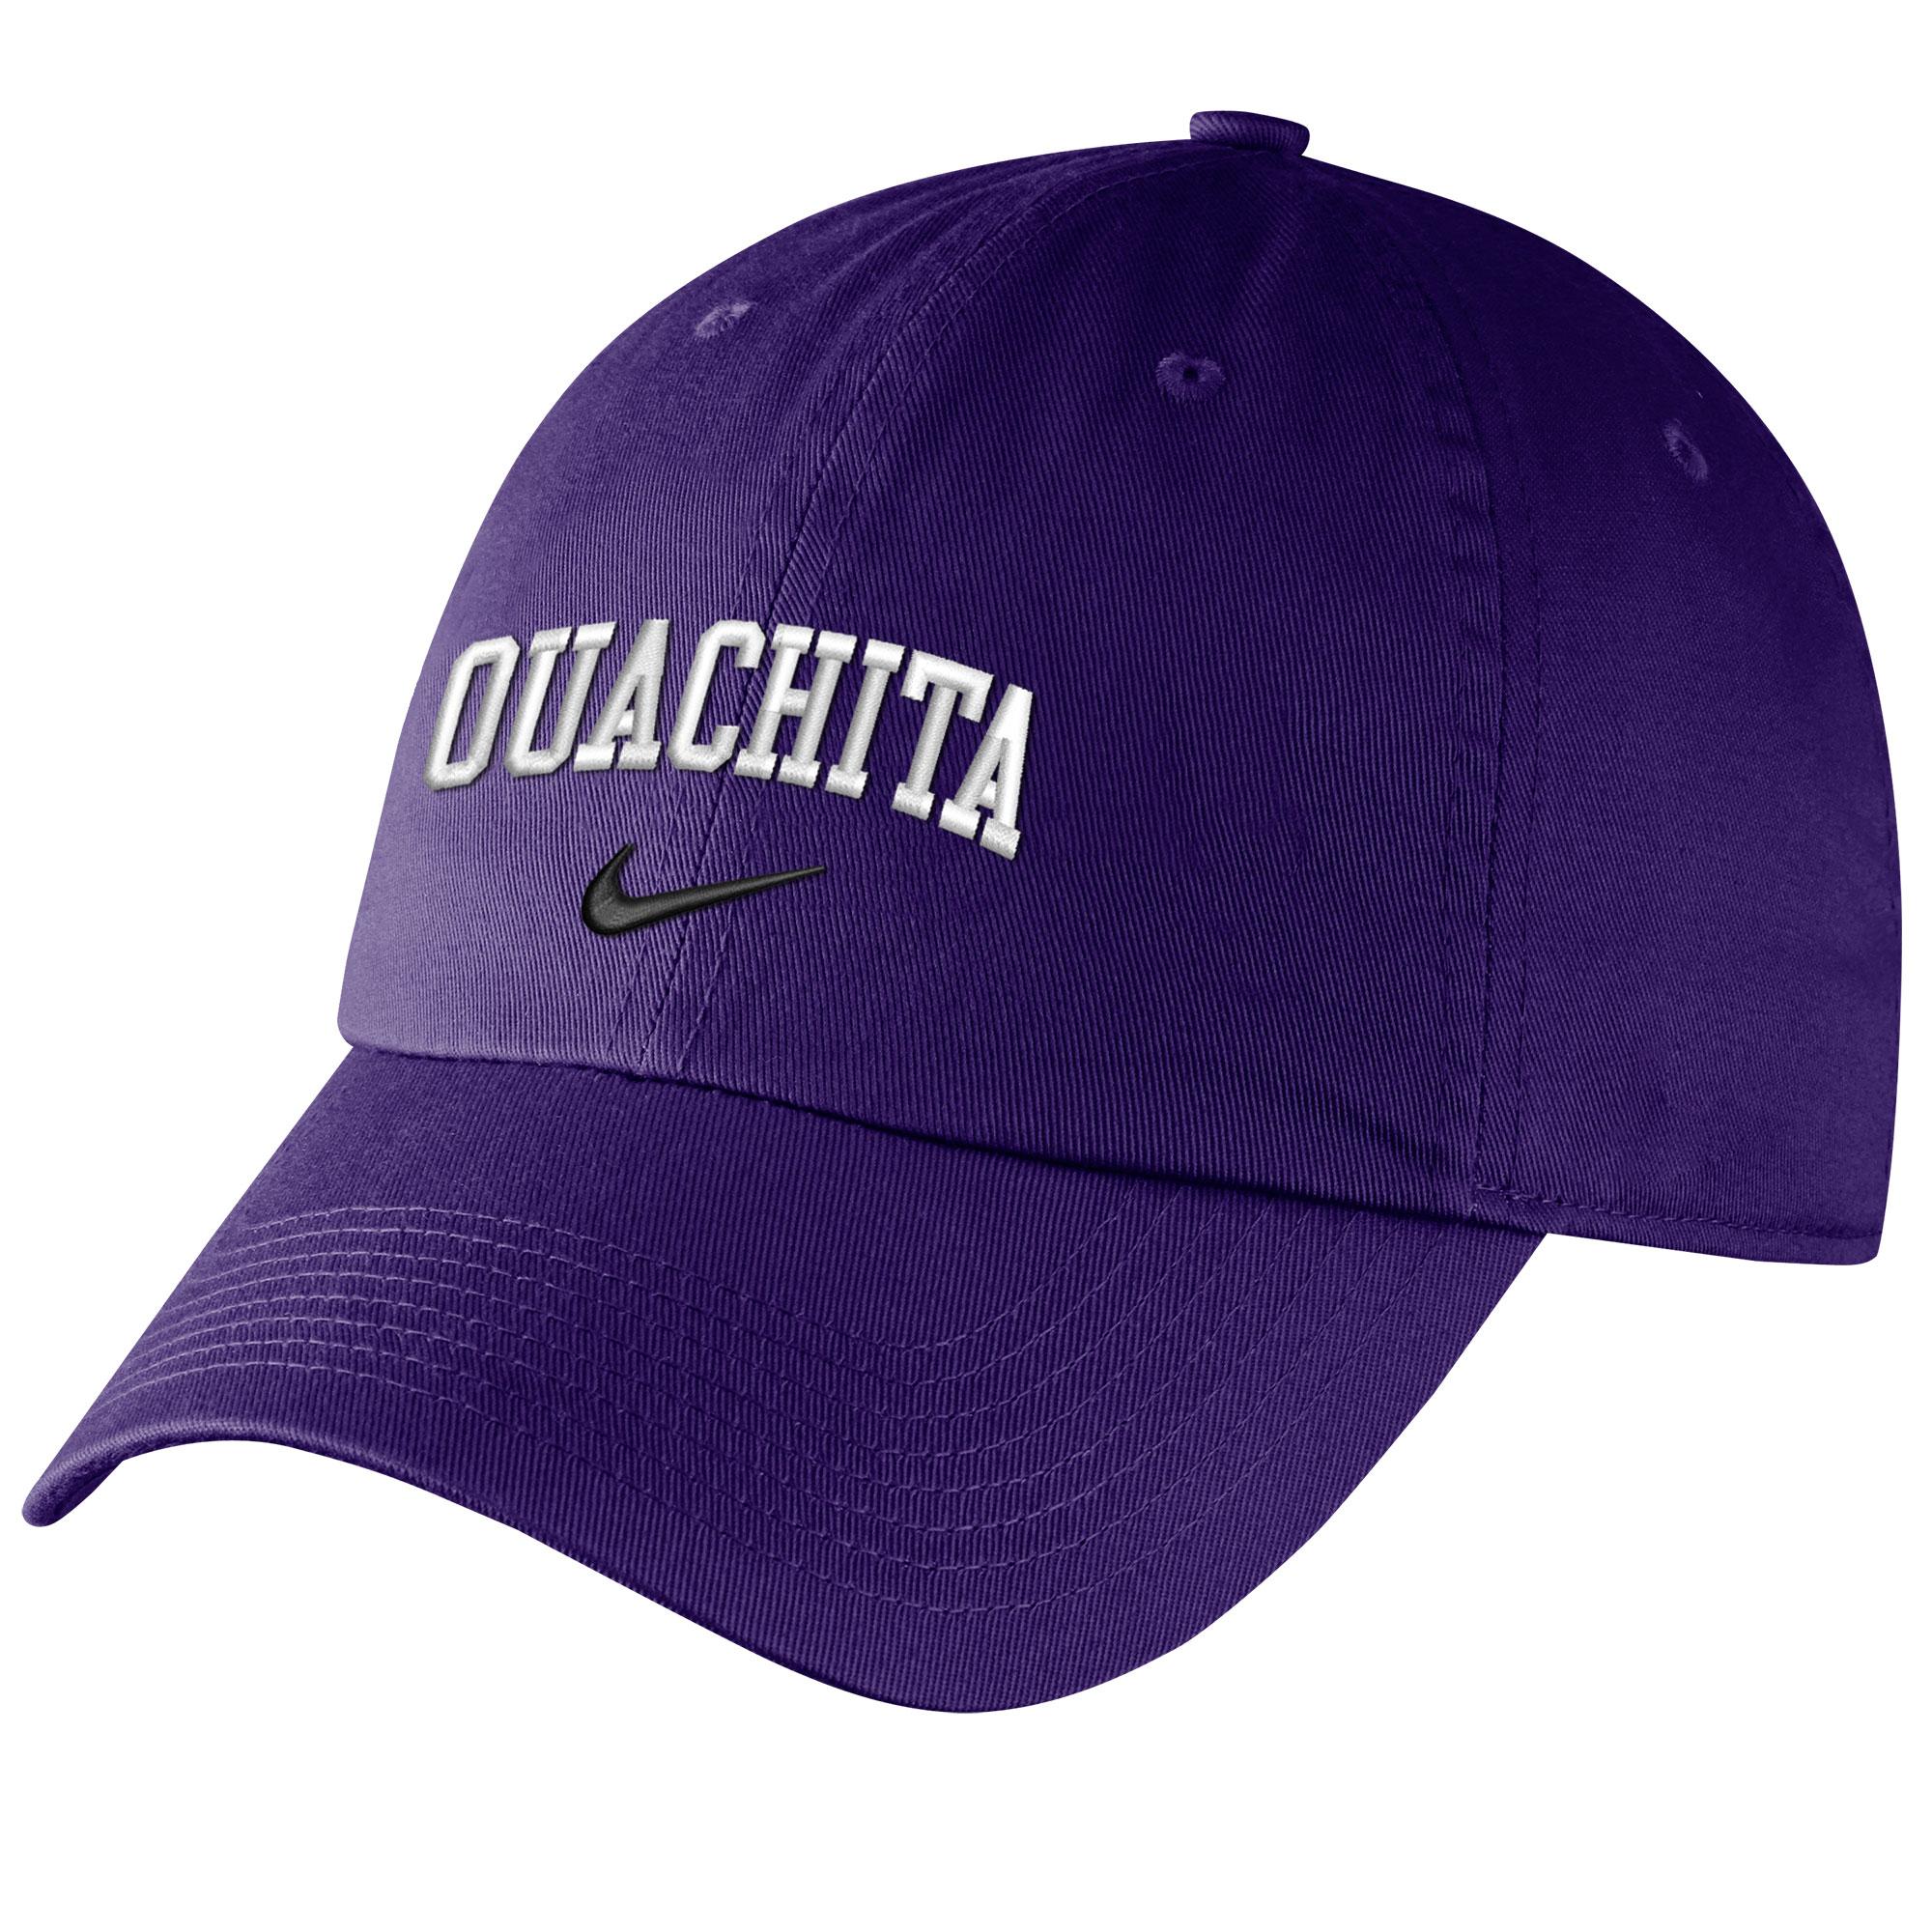 image of: OUACHITA CAMPUS CAP